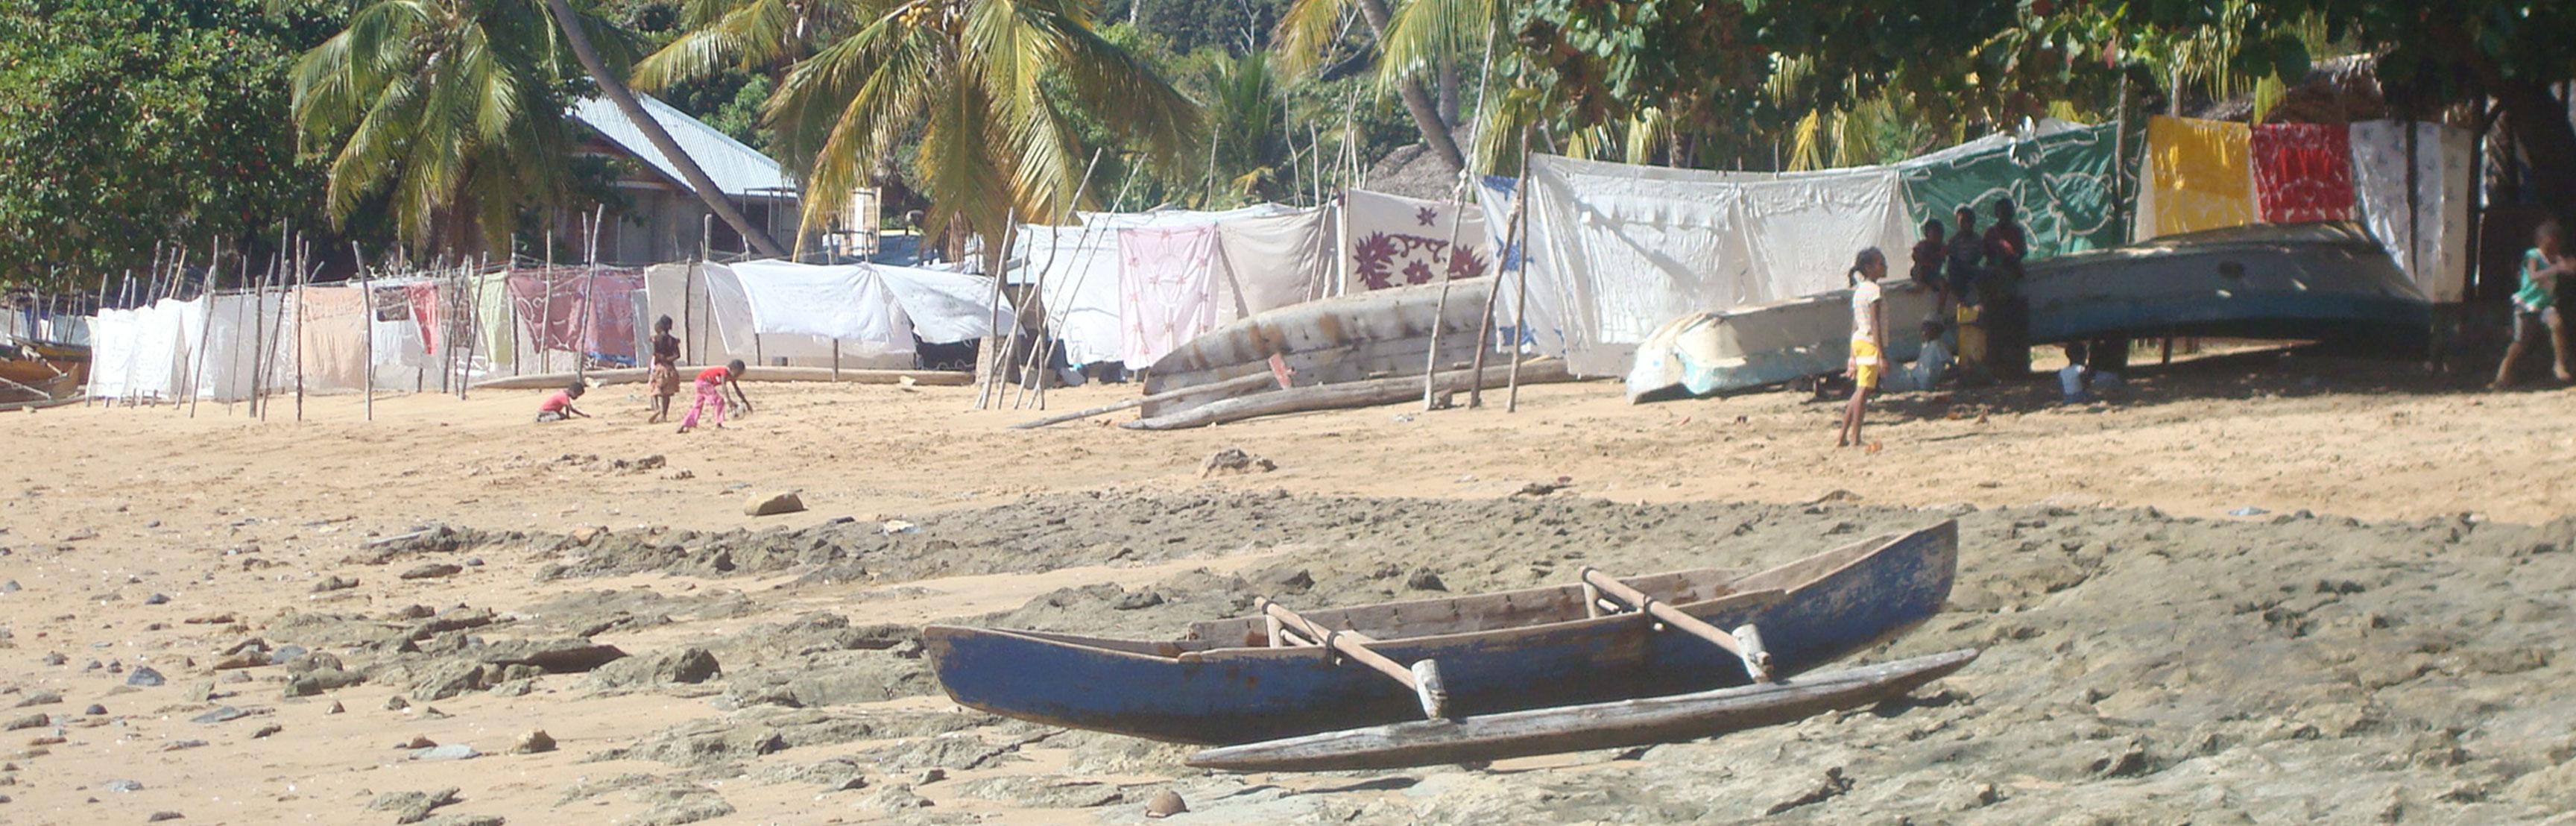 banner-4 - Madagascar Holidays